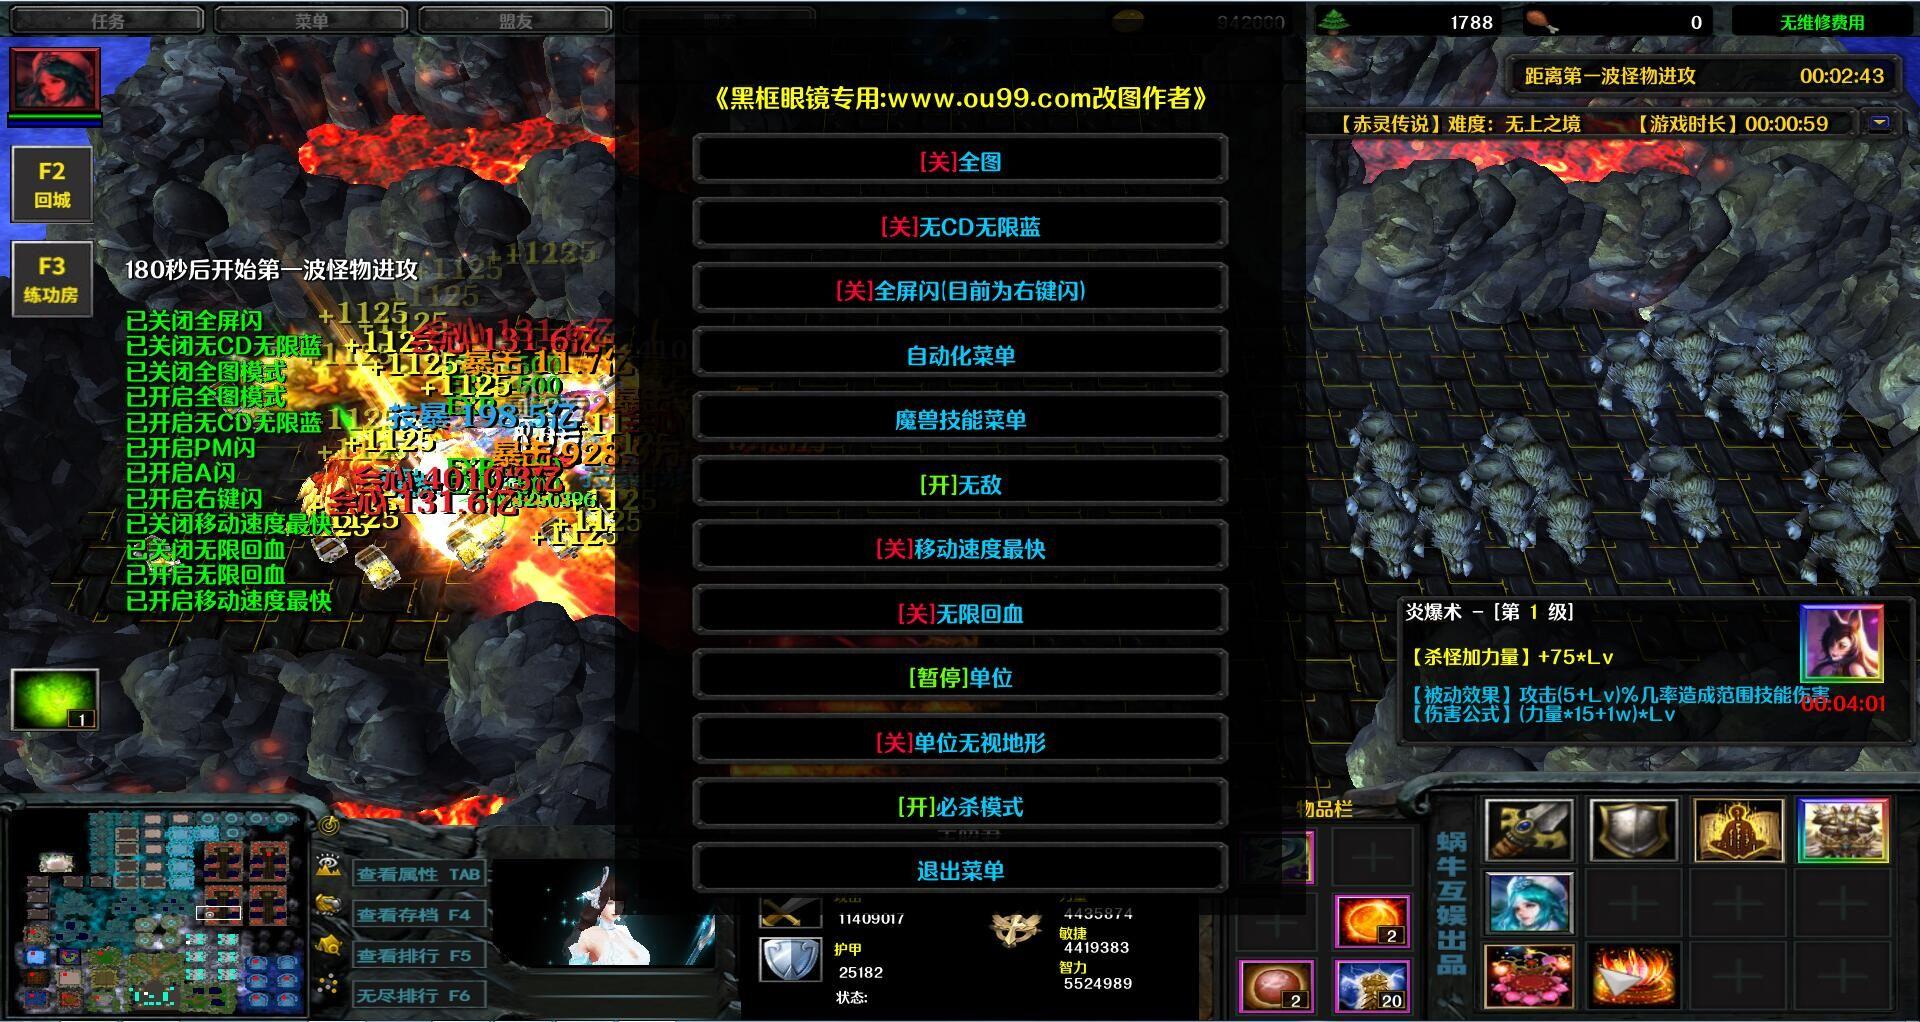 赤灵传说1.6.11黑式破解